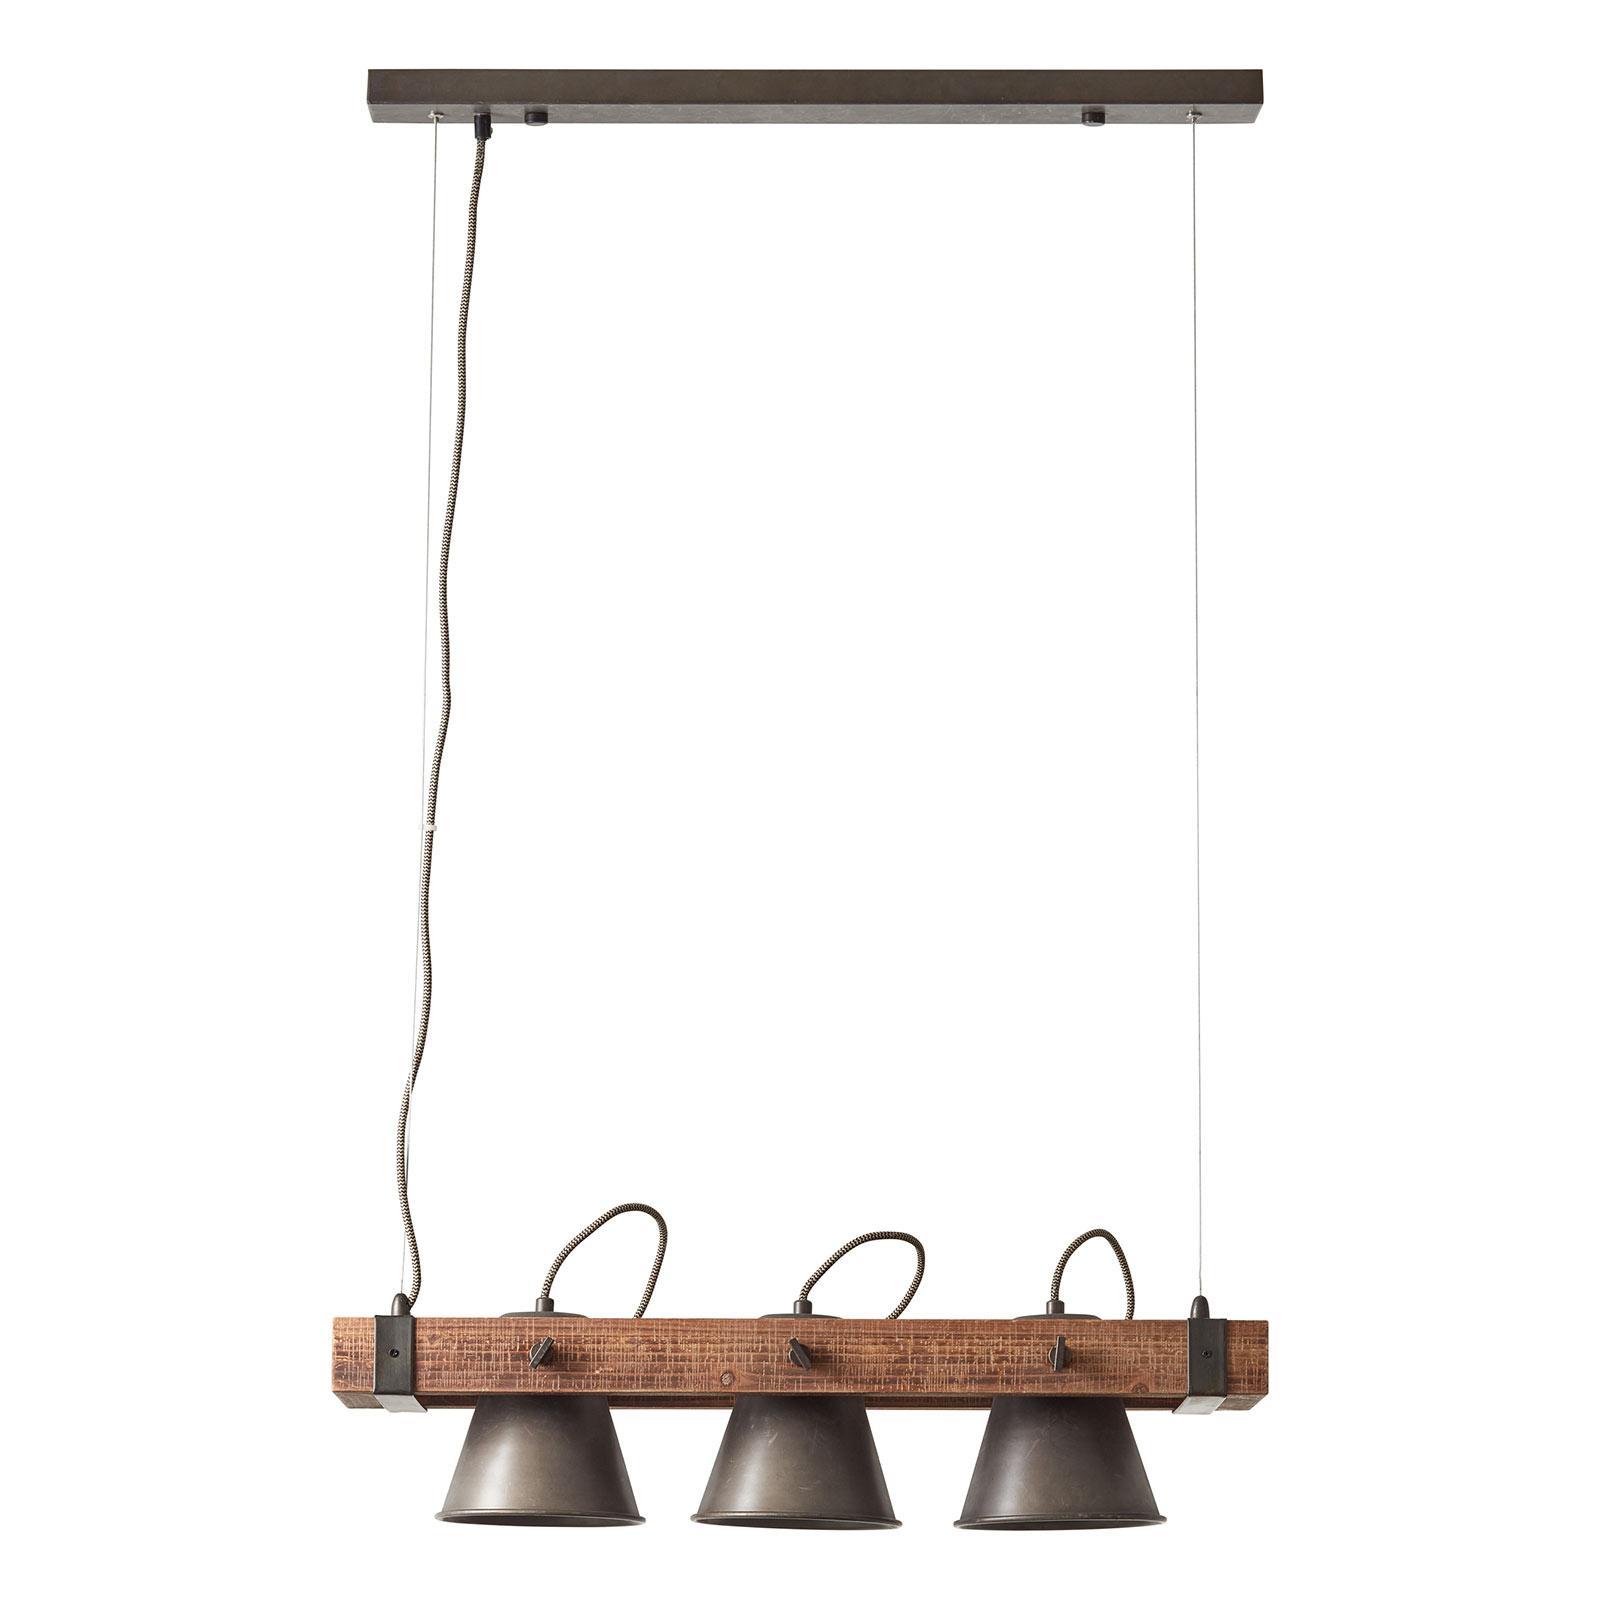 Suspension Plow à 3 lampes, noire/bois foncé